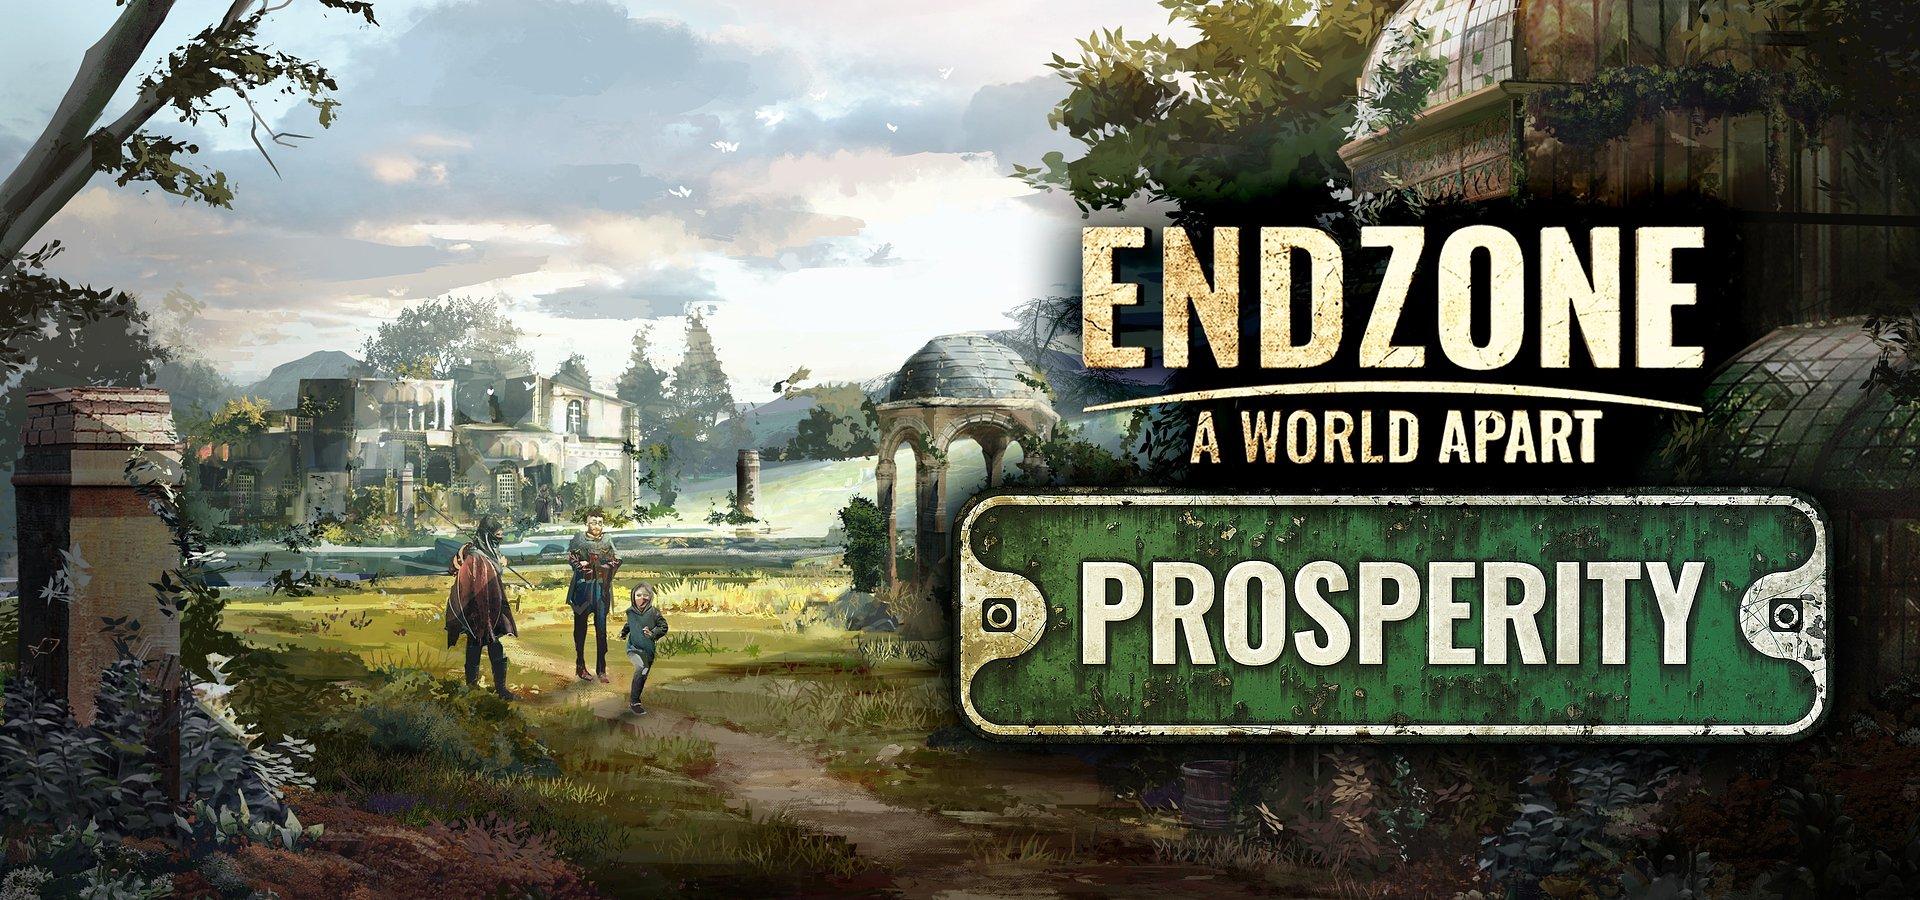 Процветания и долгих лет жизни поселенцам! Масштабное расширение для Endzone - A World Apart выйдет 21 октября